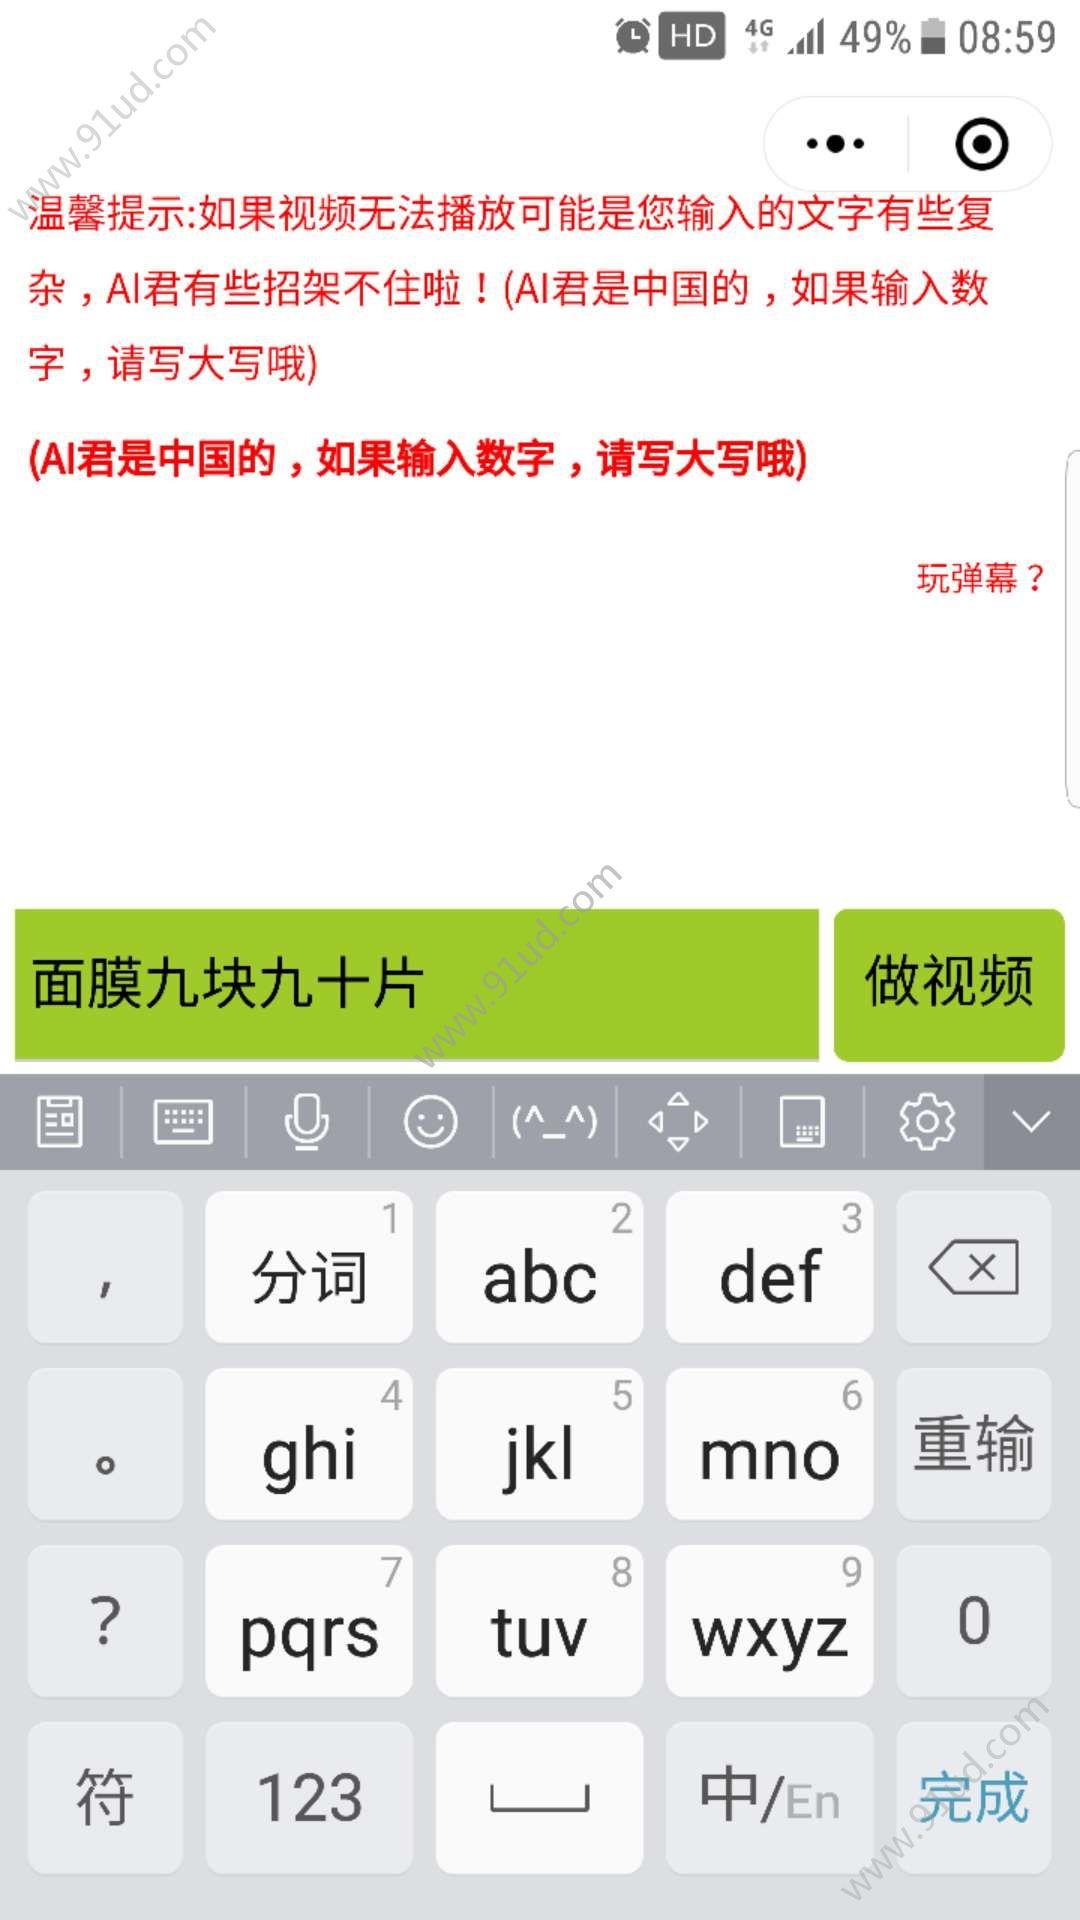 惠图惠影小程序截图